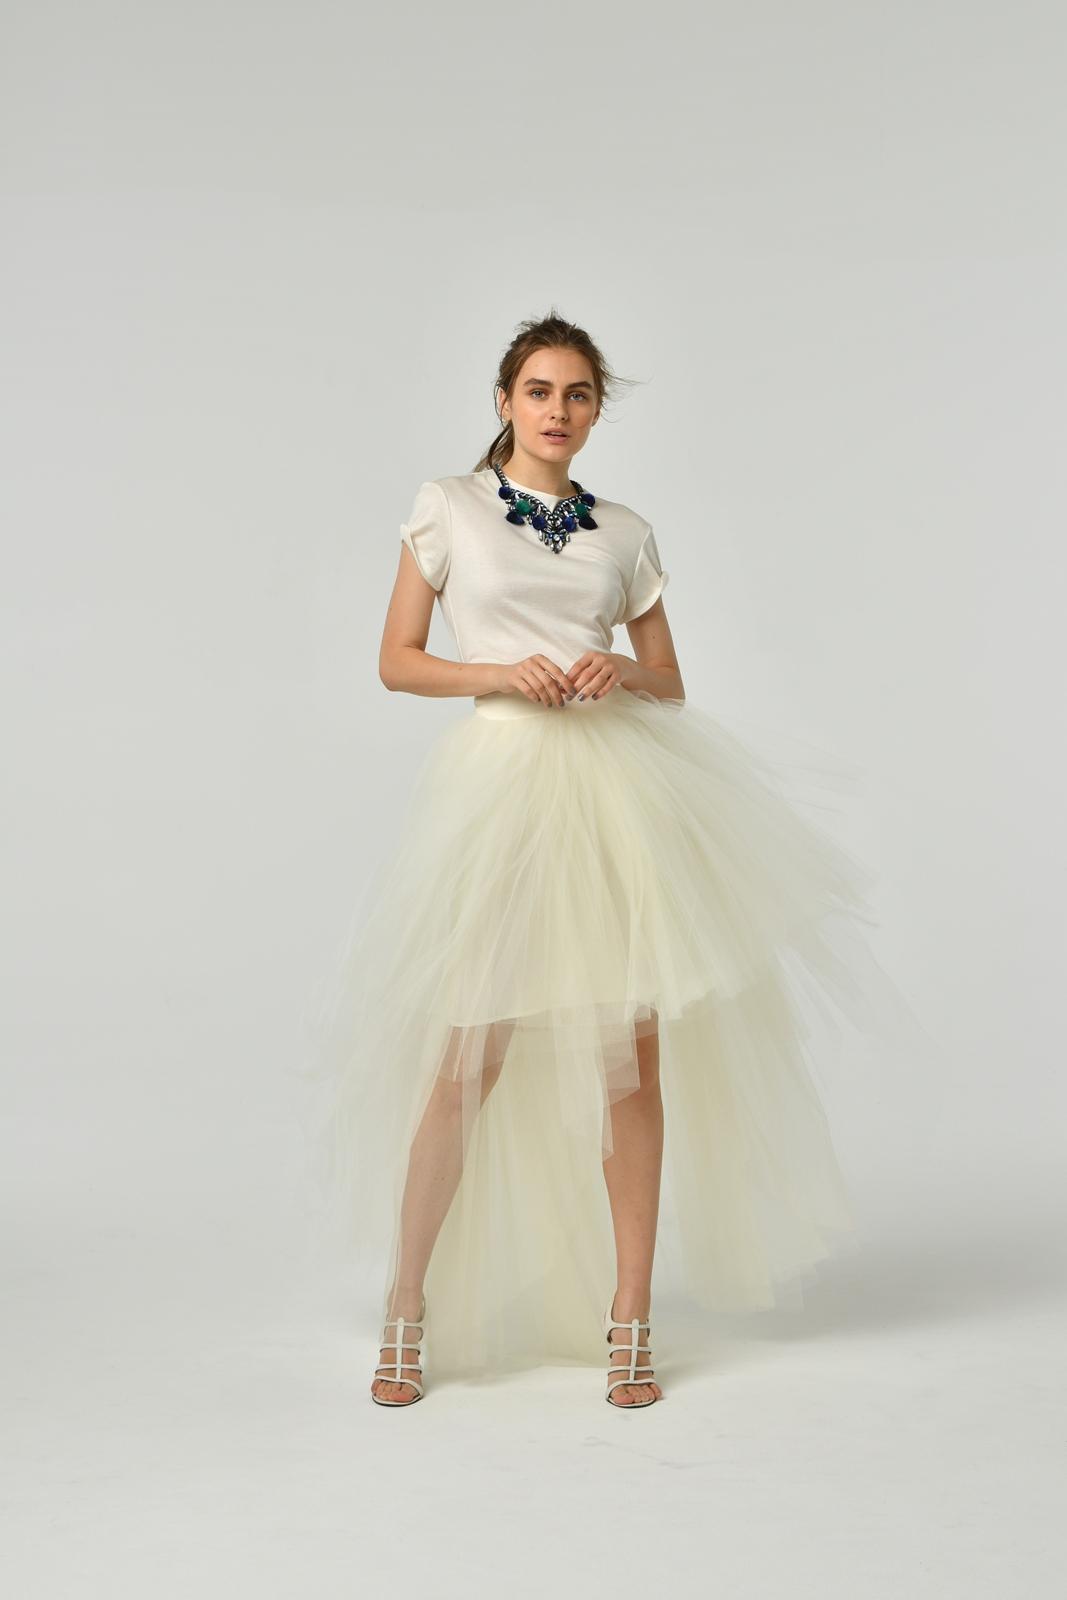 2次会ドレスはオシャレなインポートブランドのホートンがおすすめ。